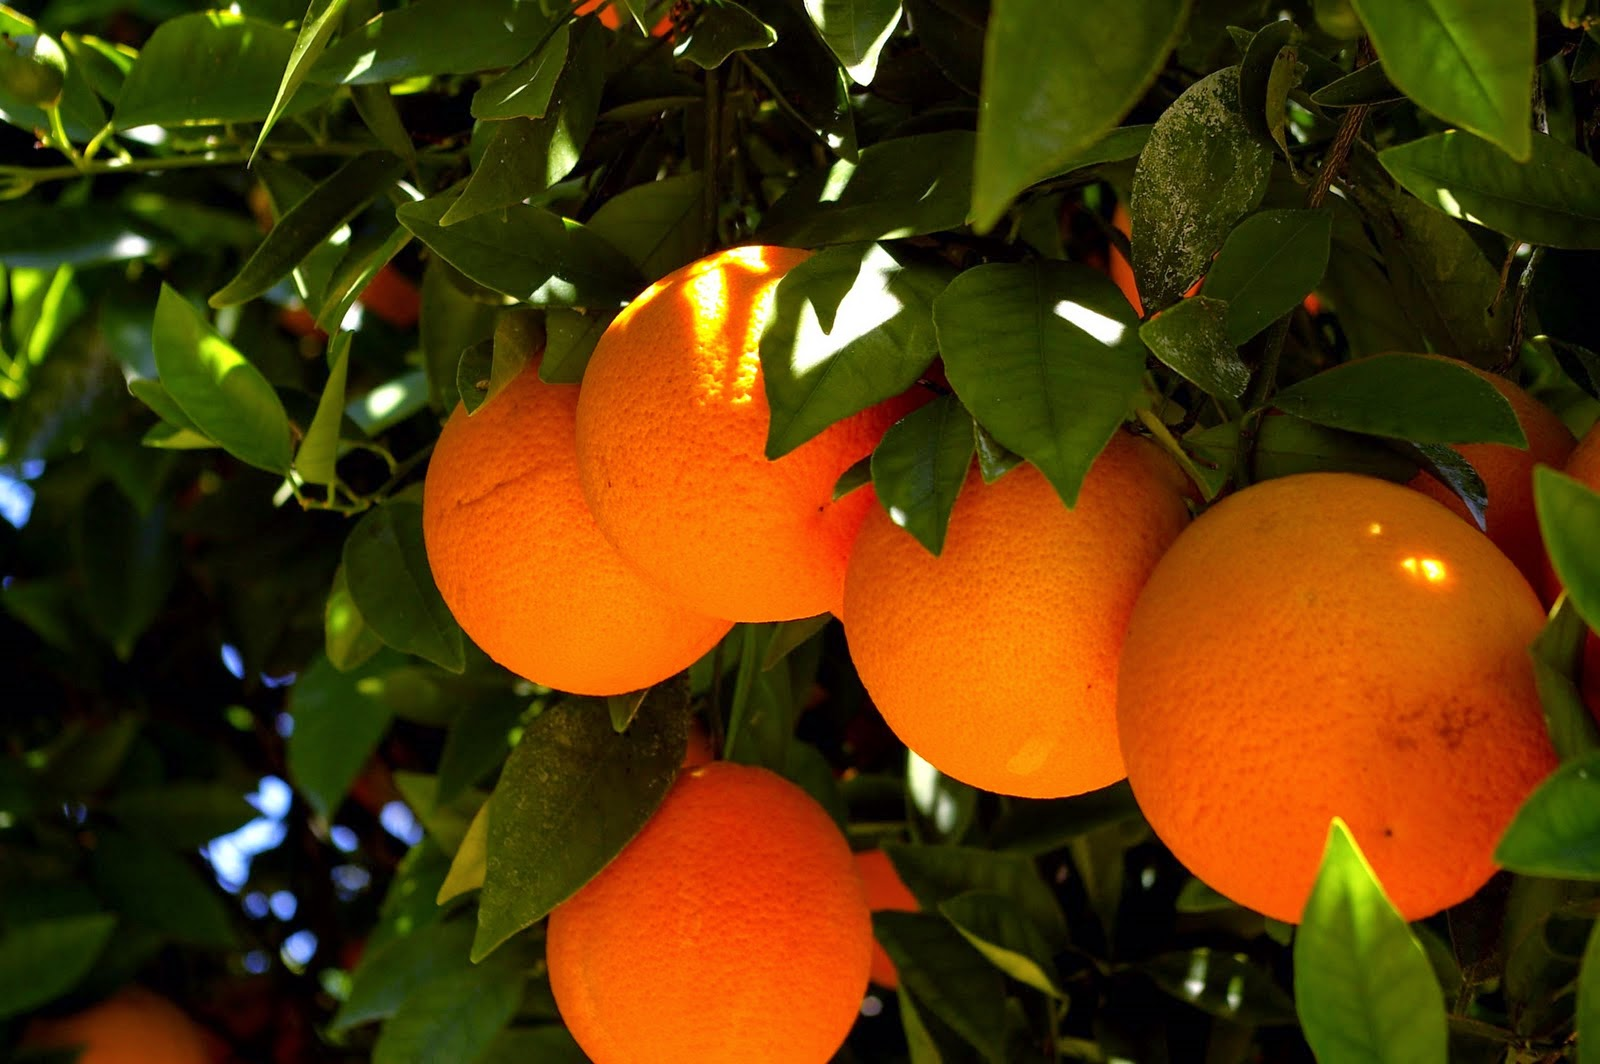 meriki-tropoi-gia-na-xrisimopoiisis-ta-portokalia-gia-to-derma-sou